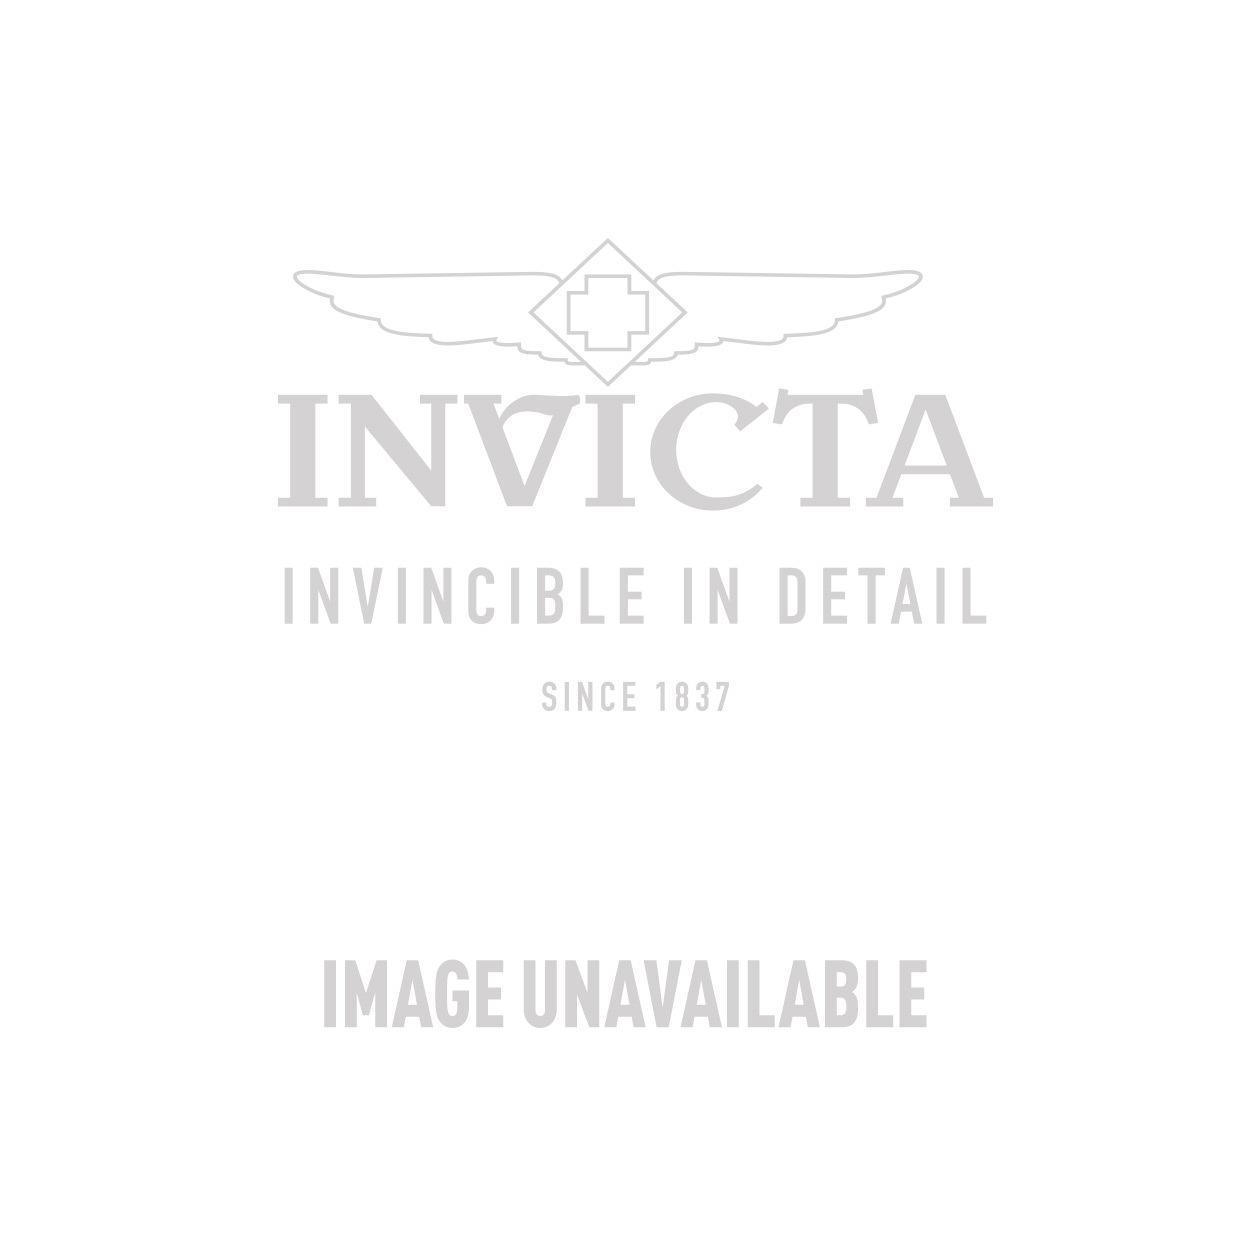 Invicta Model 25350